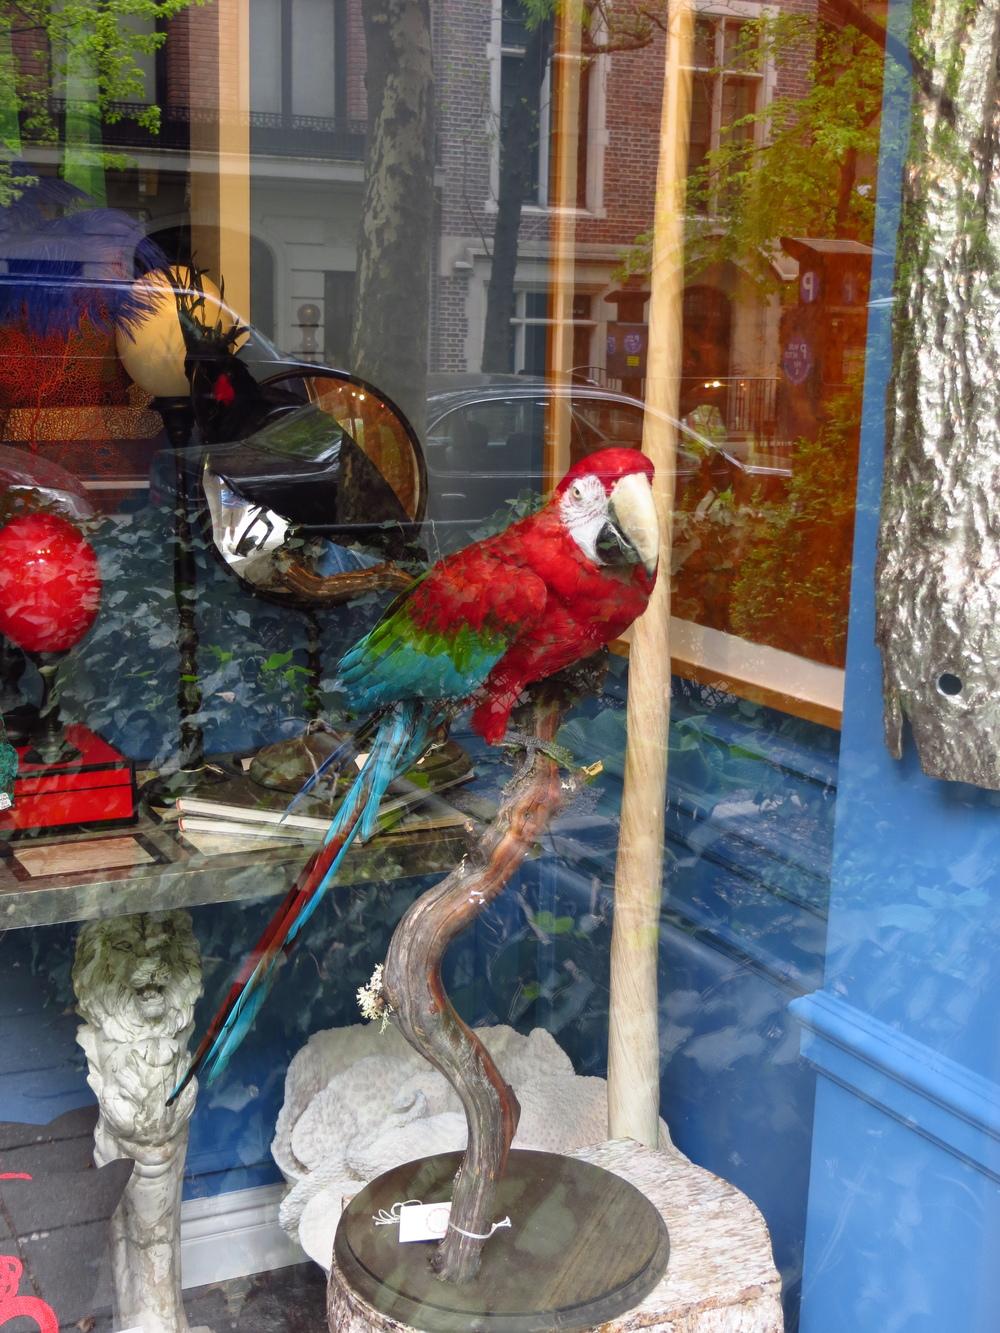 An ex-parrot